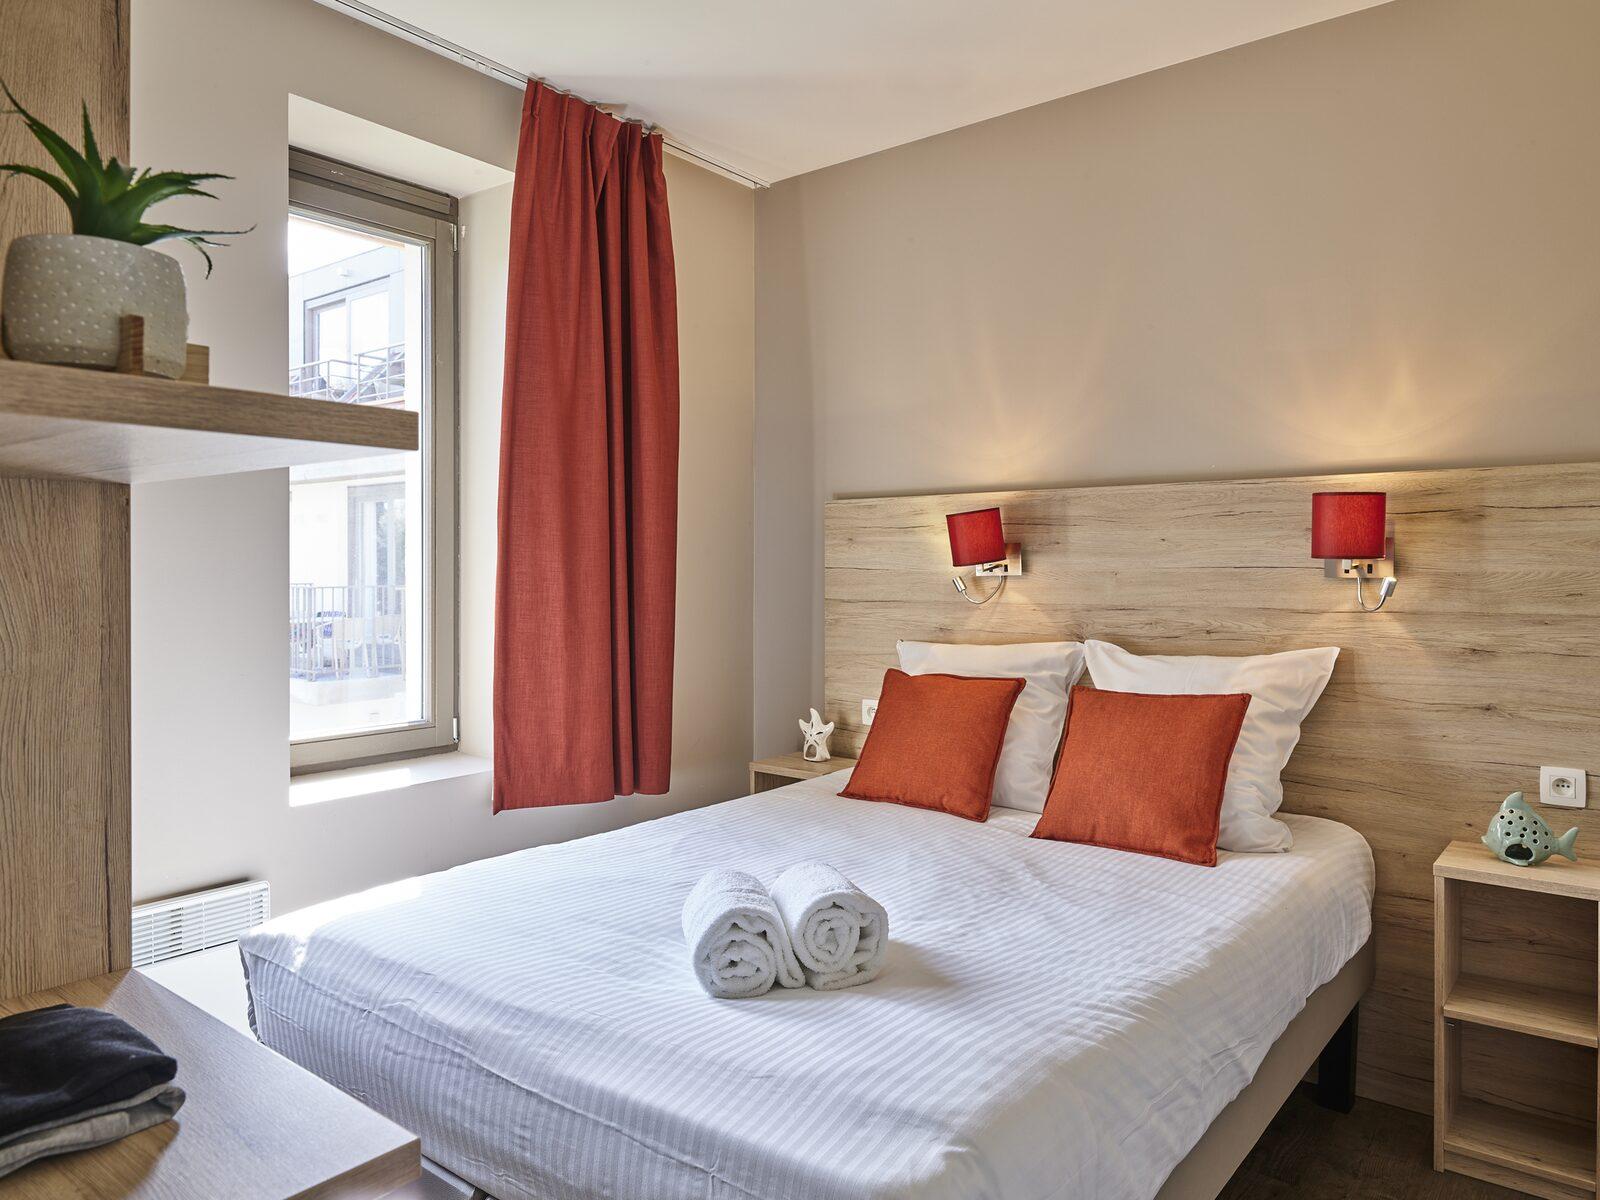 Comfort Suite - 6p | Bedroom - Sleeping corner - Sofa bed